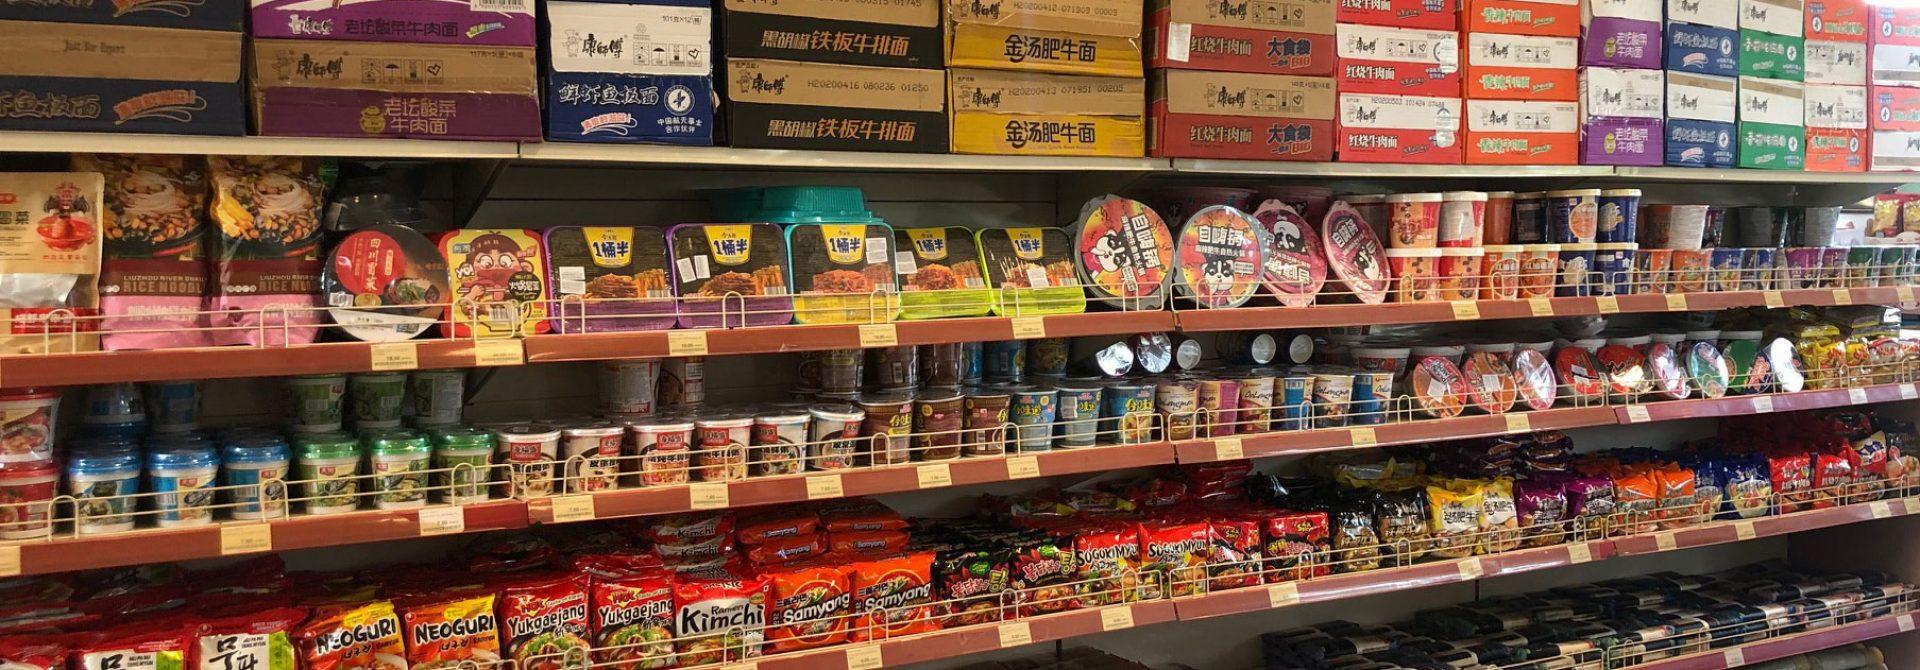 orientalmarket-rafturi-magazin